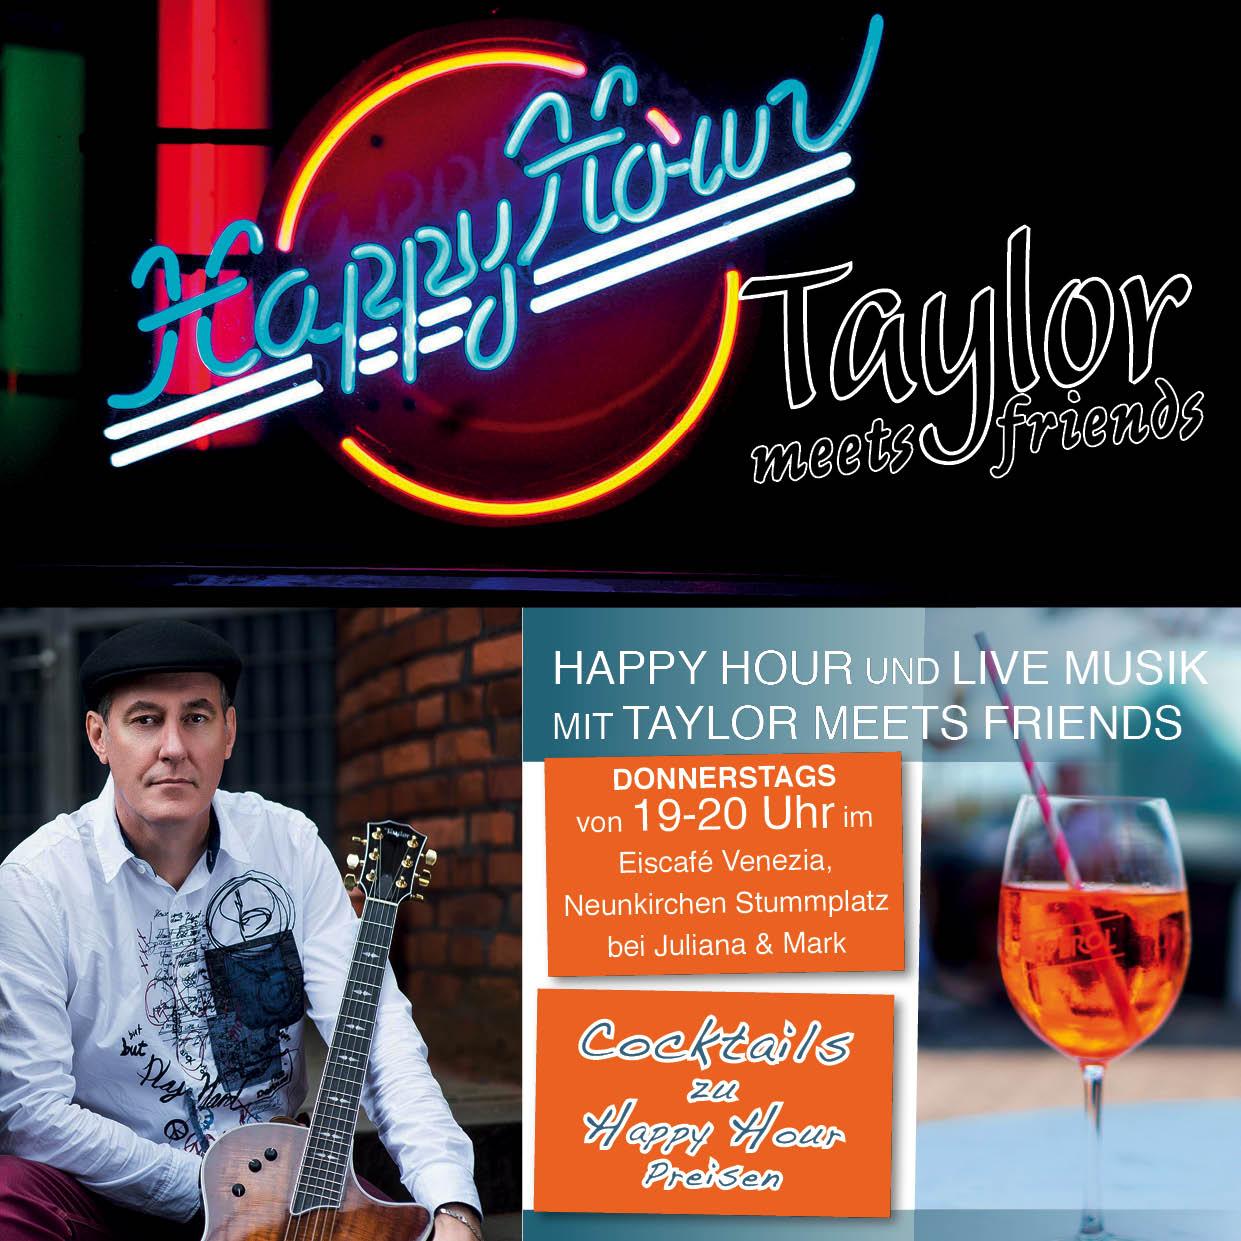 Happy Hour mit Live Musik @ Eiscafé Venezia